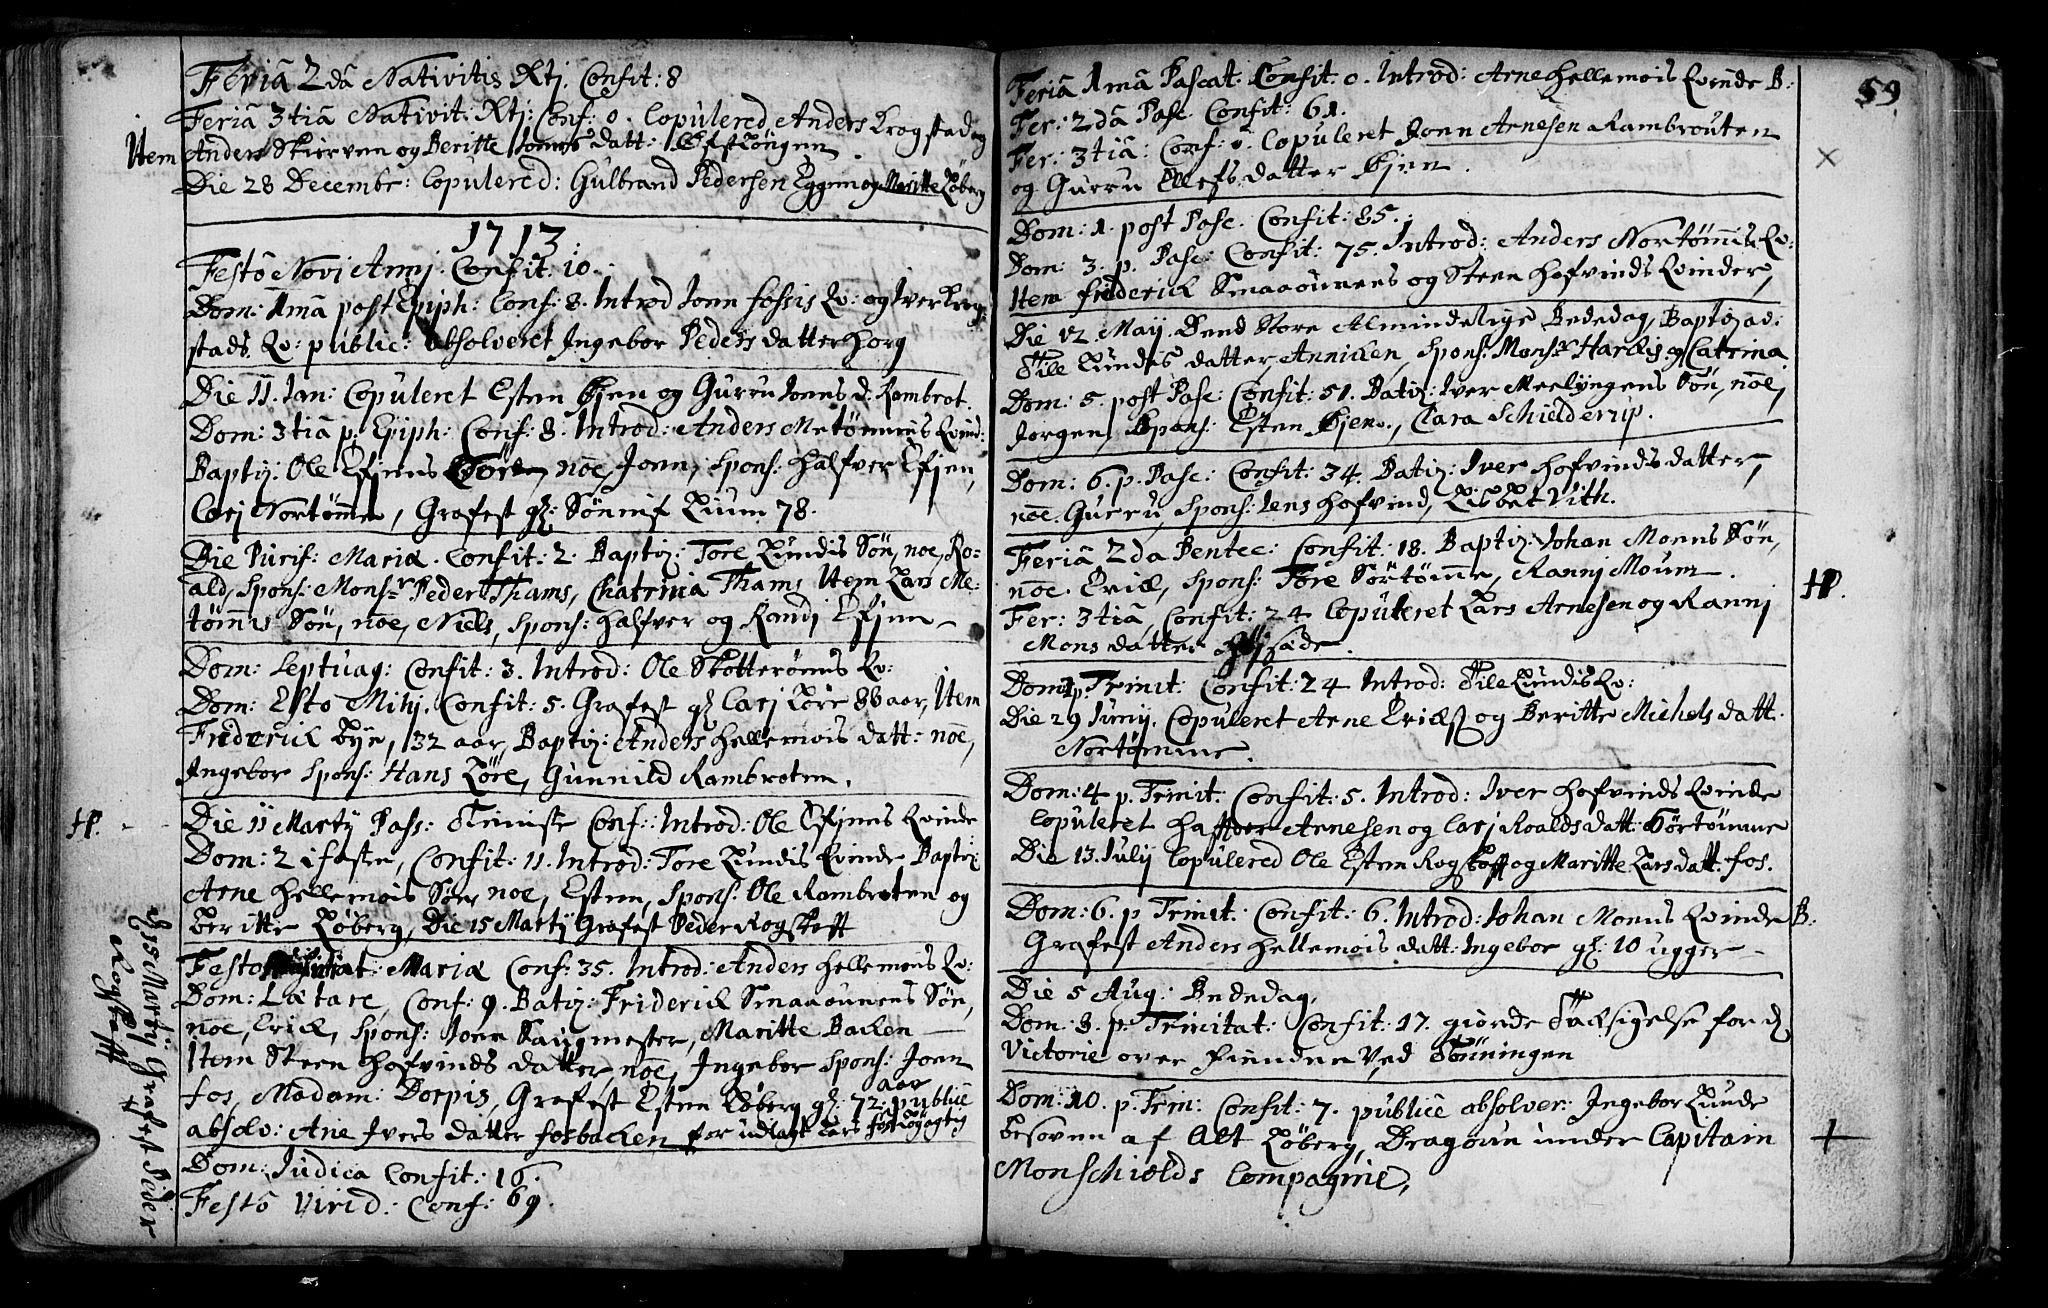 SAT, Ministerialprotokoller, klokkerbøker og fødselsregistre - Sør-Trøndelag, 692/L1101: Ministerialbok nr. 692A01, 1690-1746, s. 59